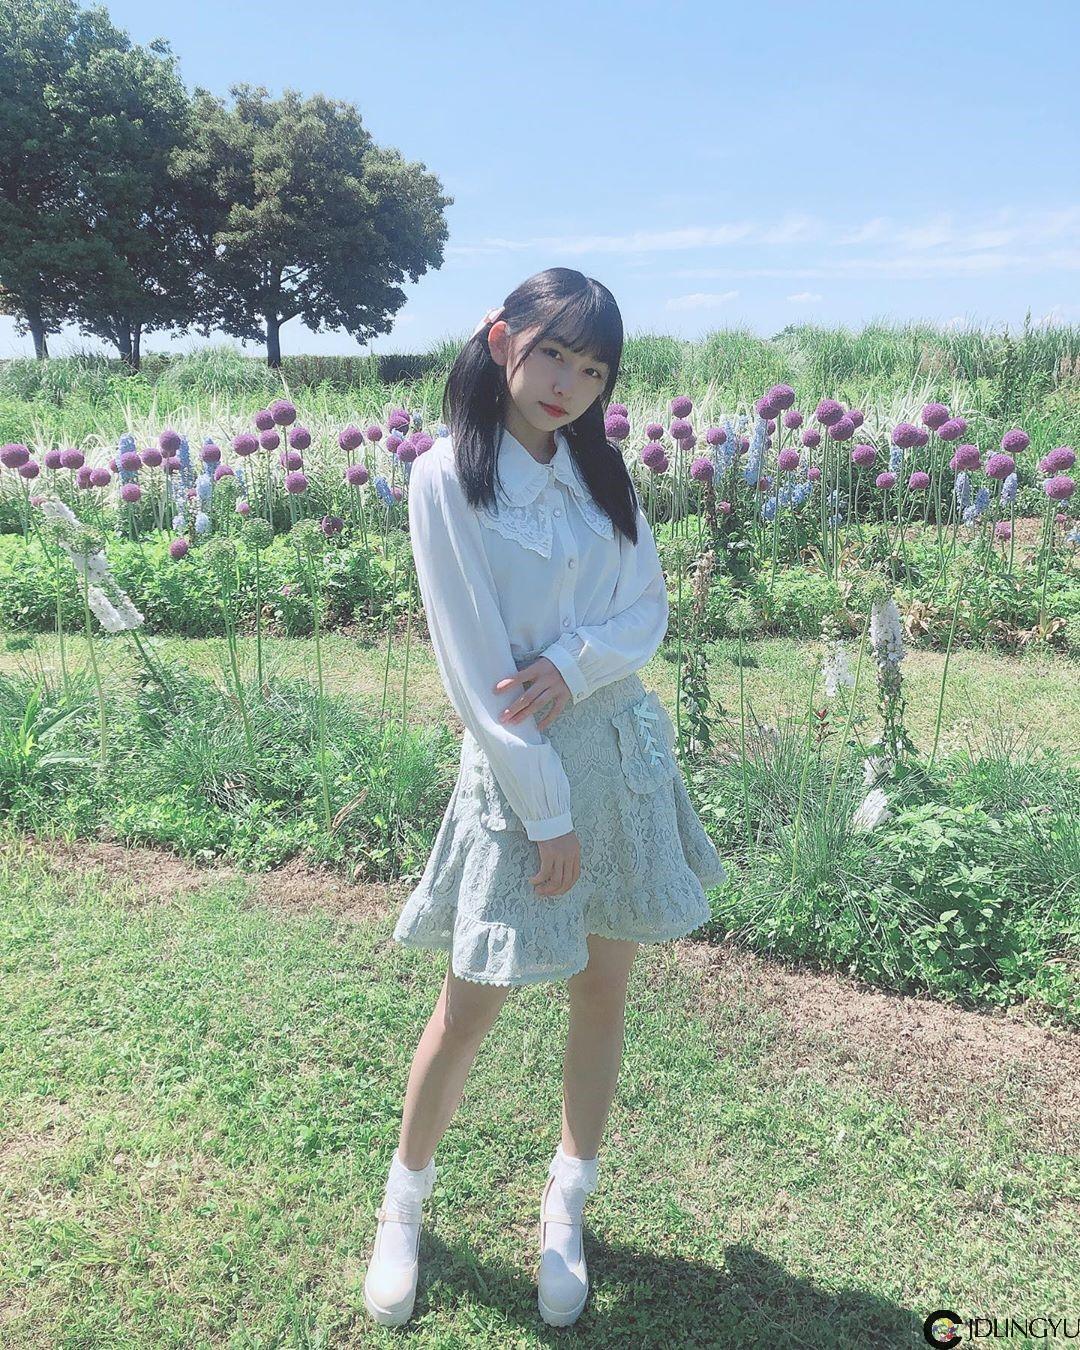 萝莉系女高中生「早川真由」甜萌笑颜超卡哇伊 「邻家妹力」让人忍不住想呵护